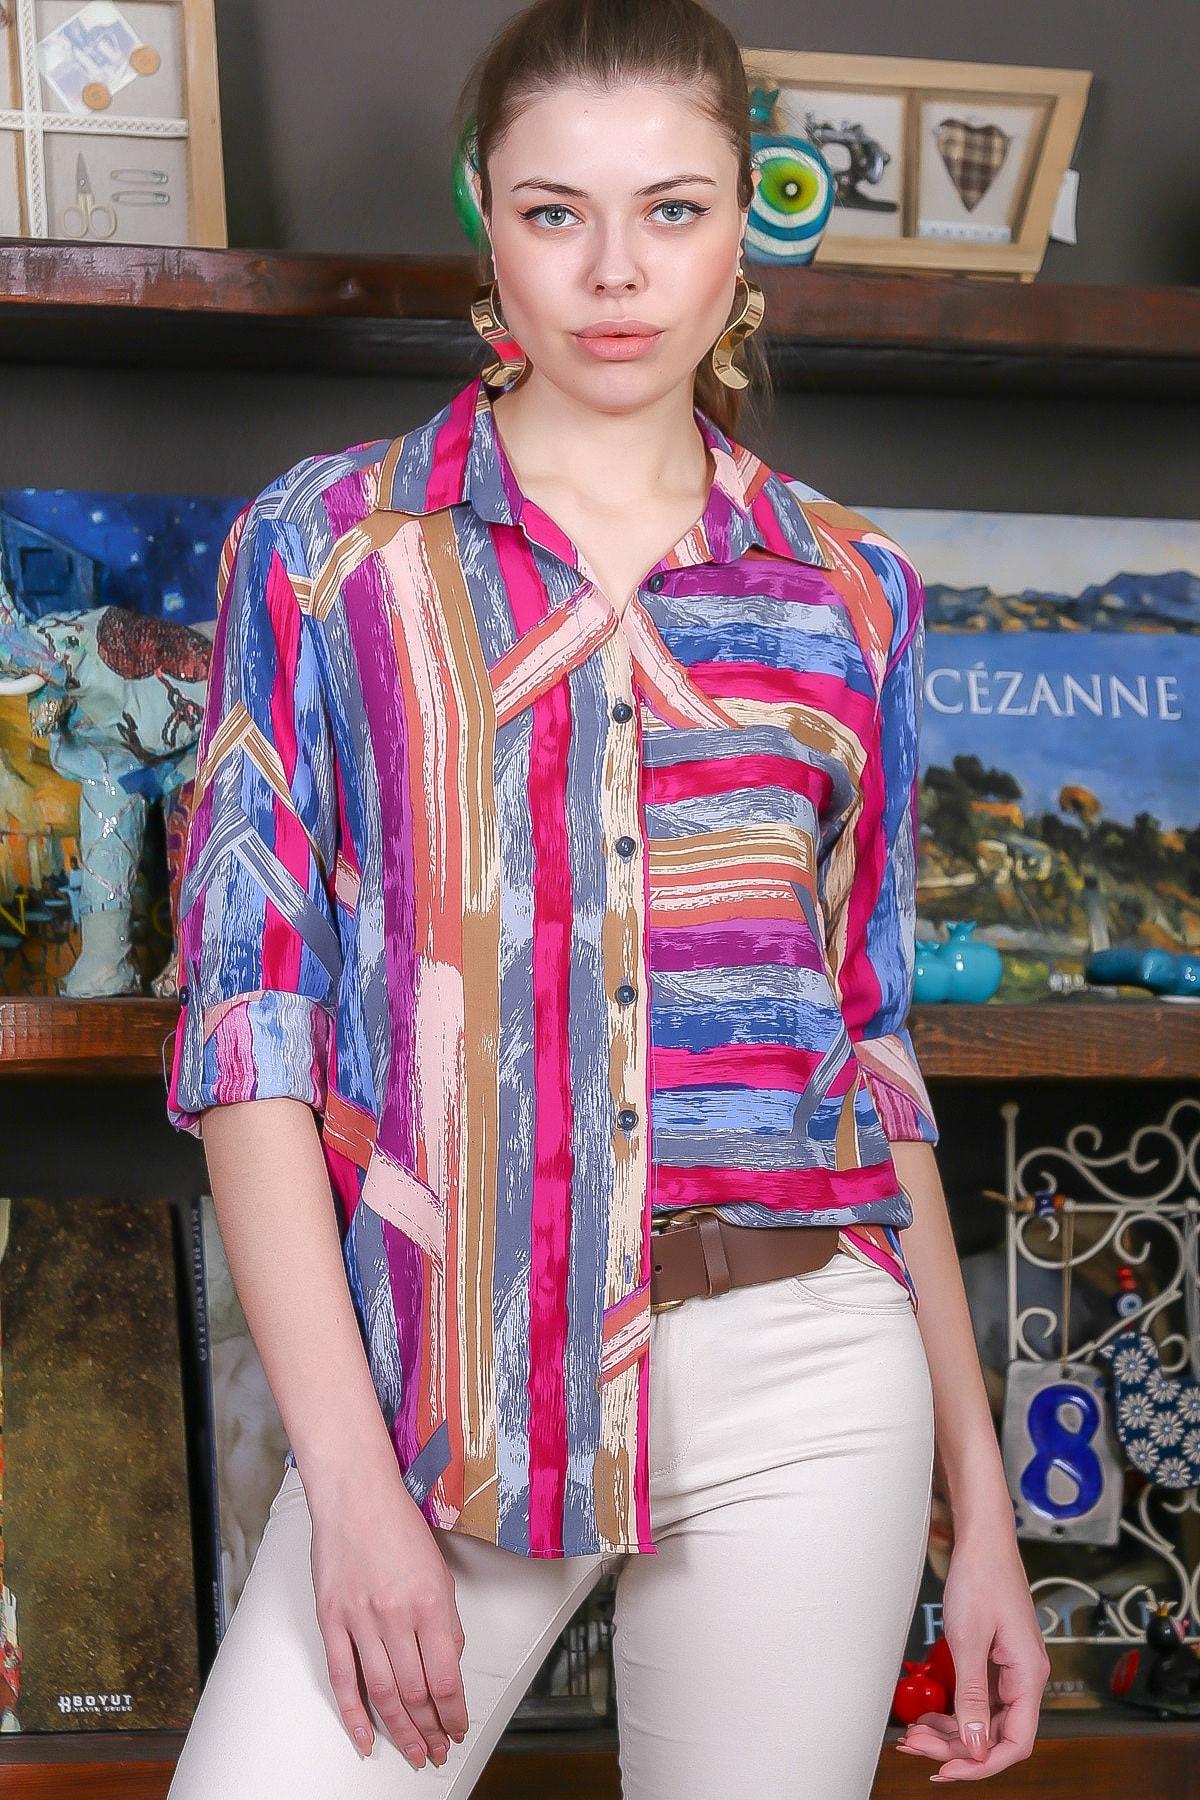 Chiccy Kadın Pembe-Mavi Renkli Çizgi Desenli Kolları Ayar Düğmeli Dokuma Gömlek M10010400GM99441 0